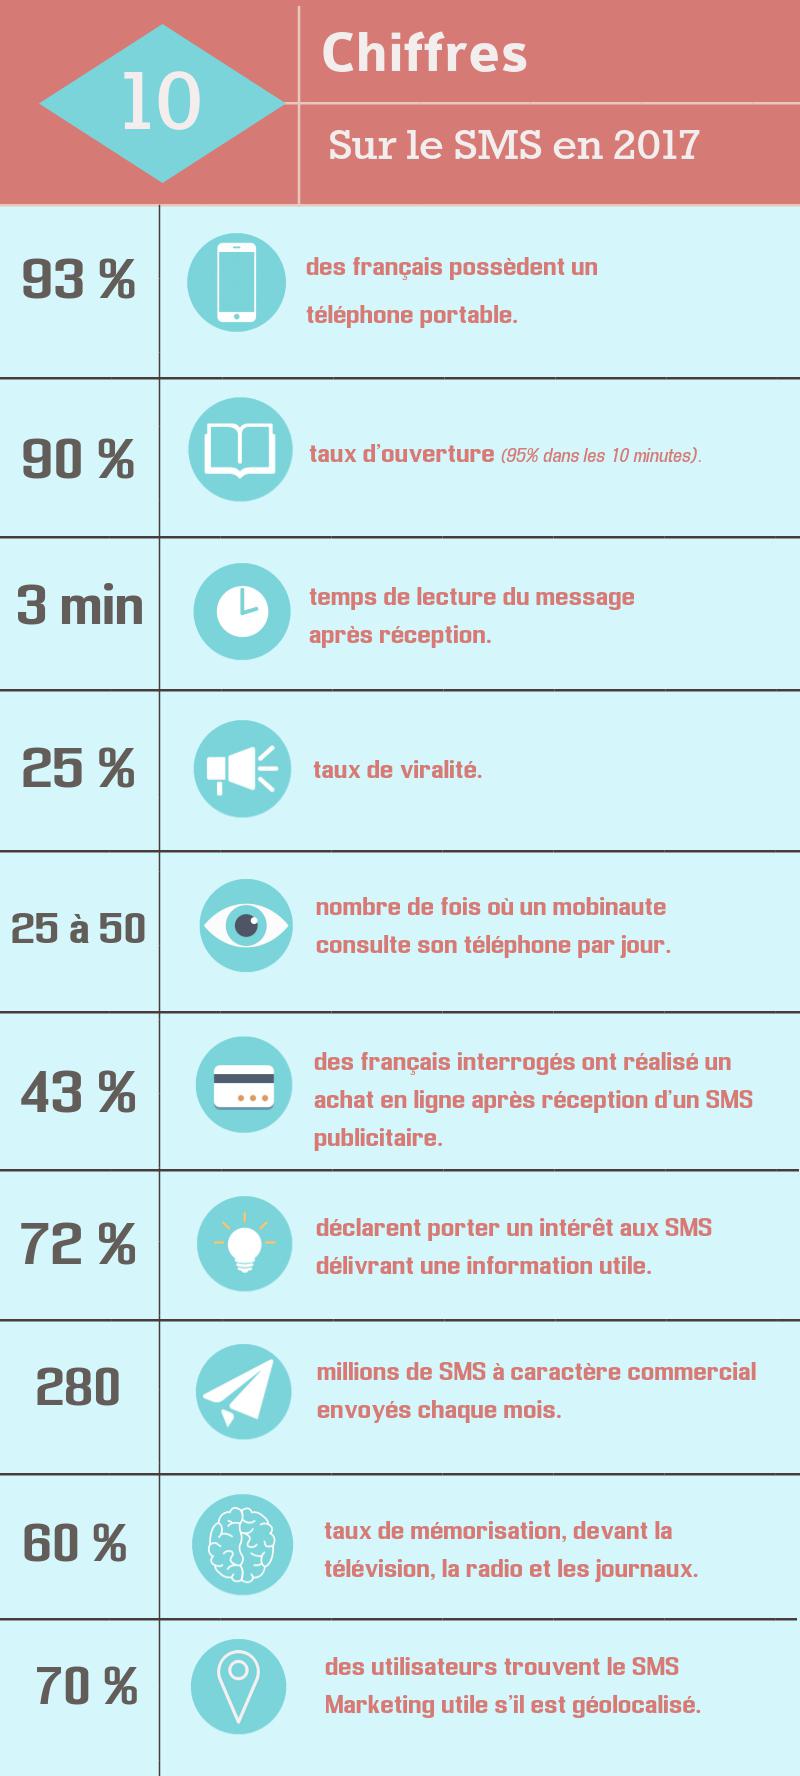 Pourquoi choisir le SMS Marketing ? Voici un résumé en quelques chiffres.